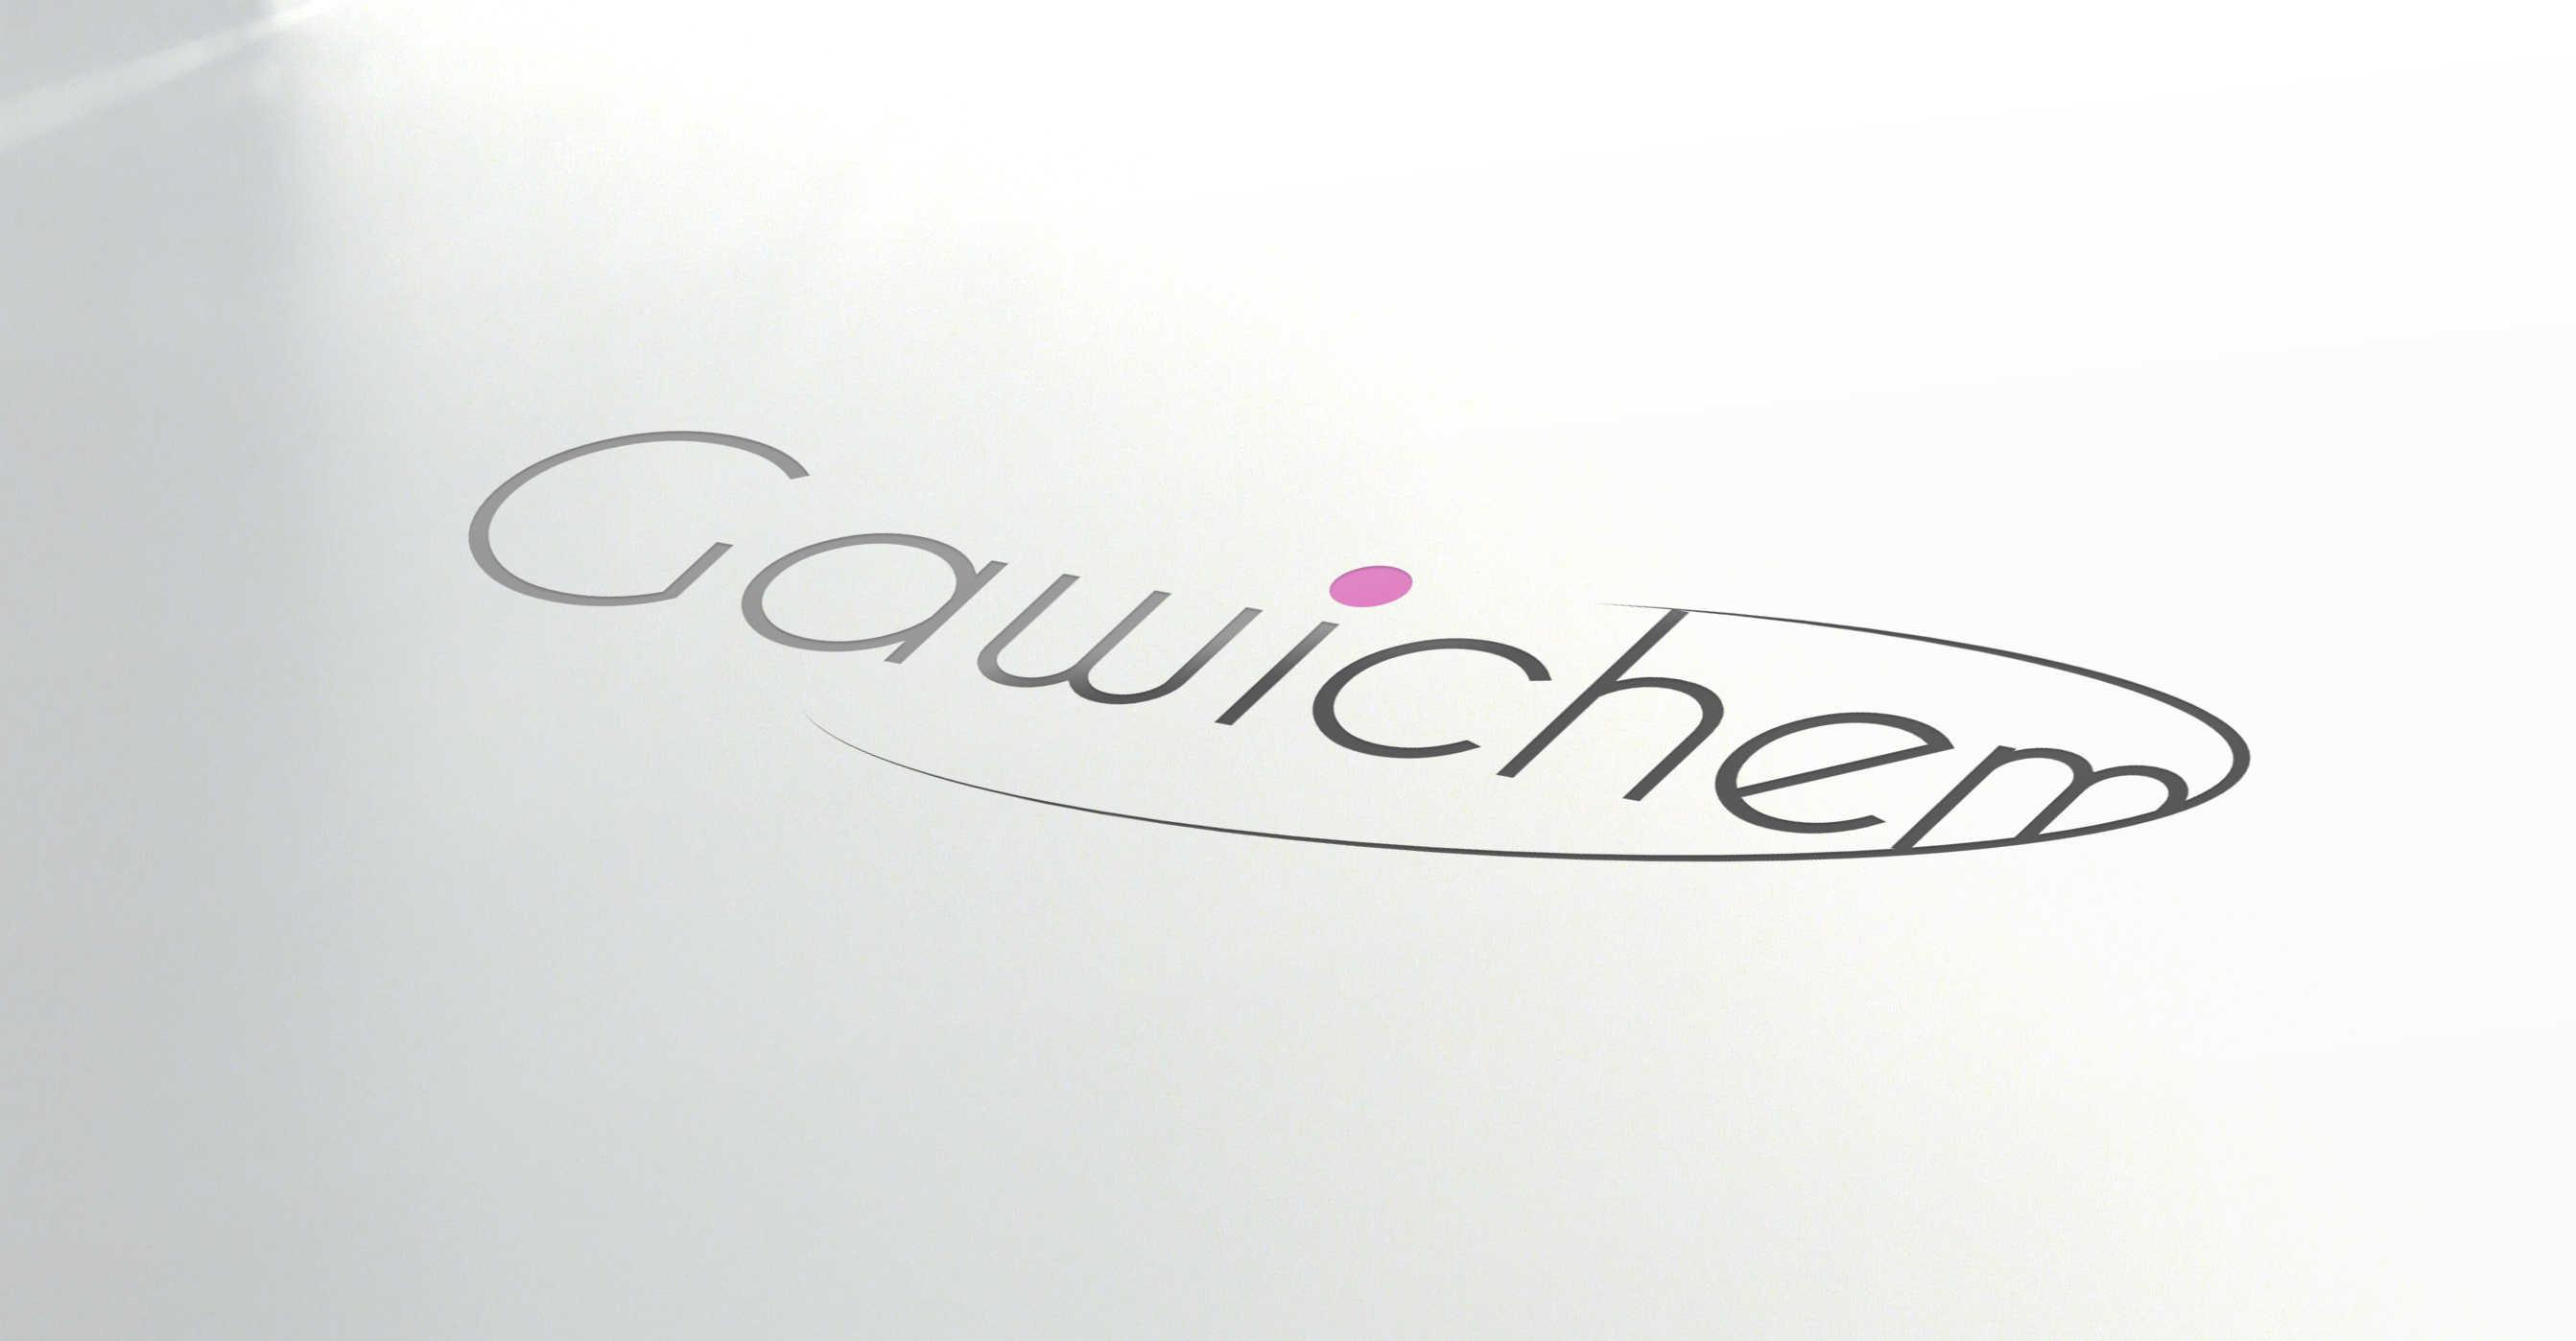 gawichem_logo 1